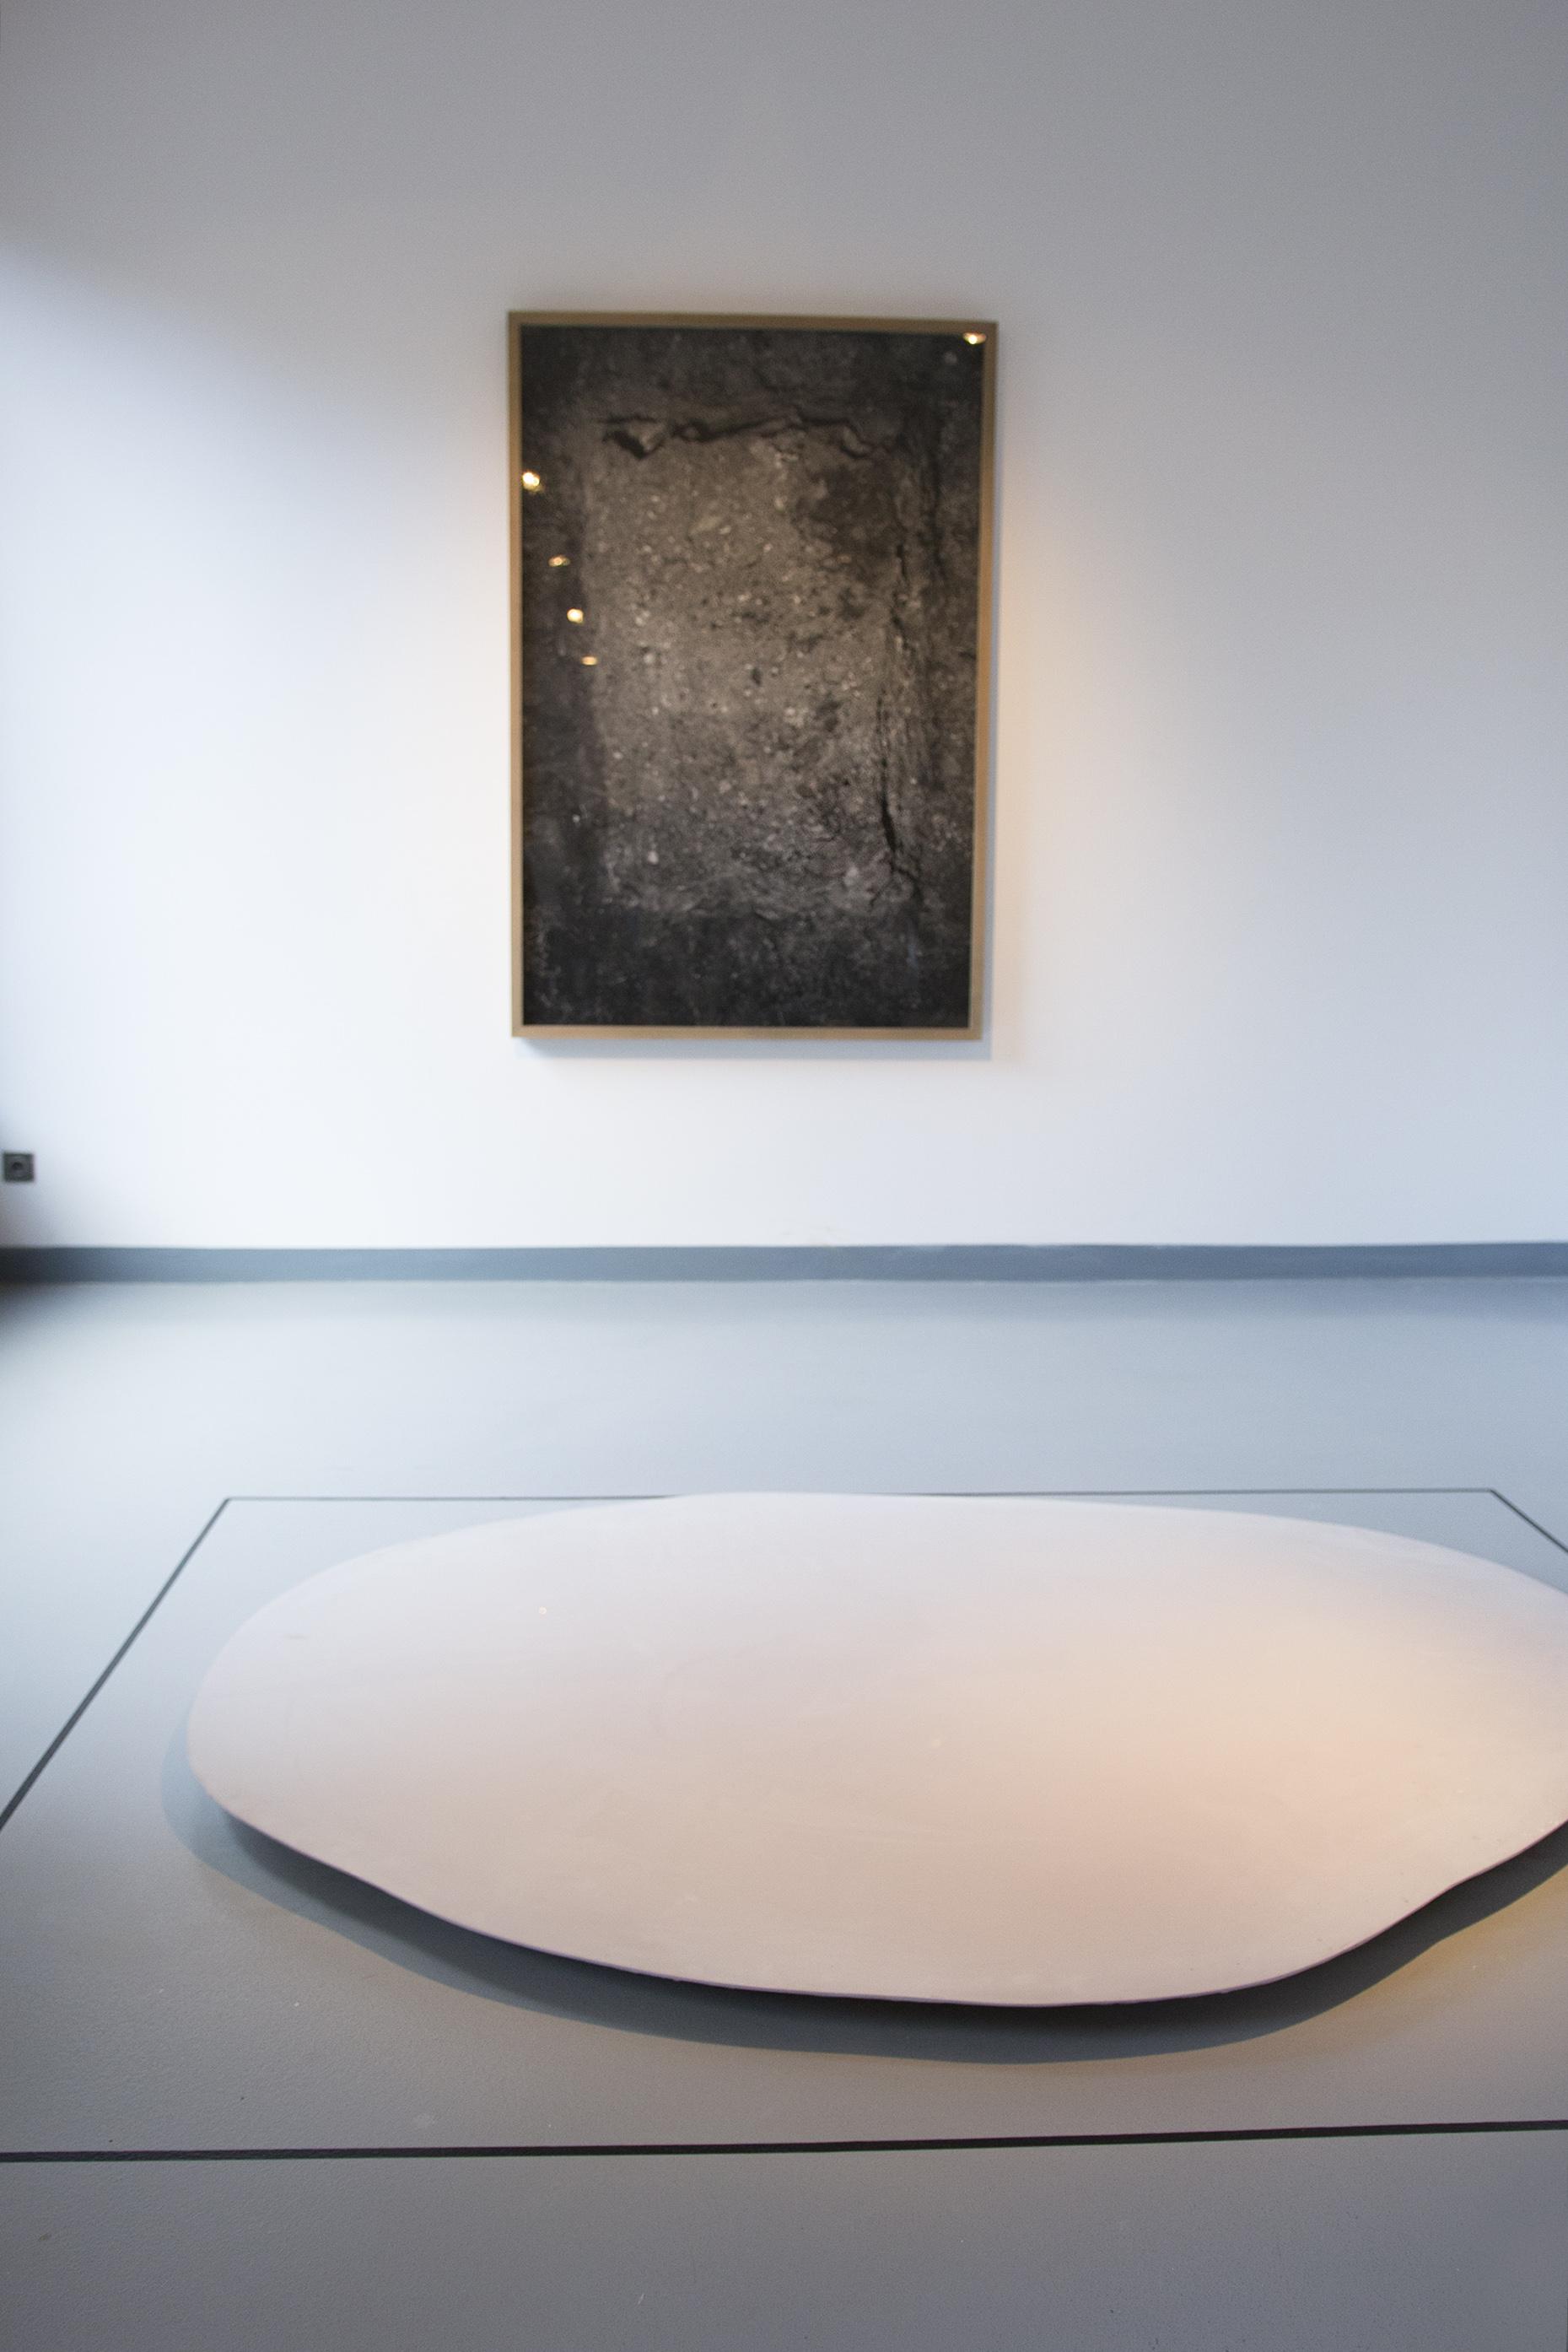 Witek Orski, Dziura wziemi, 2015; Agata Madejska, From Now On (Folly), 2014